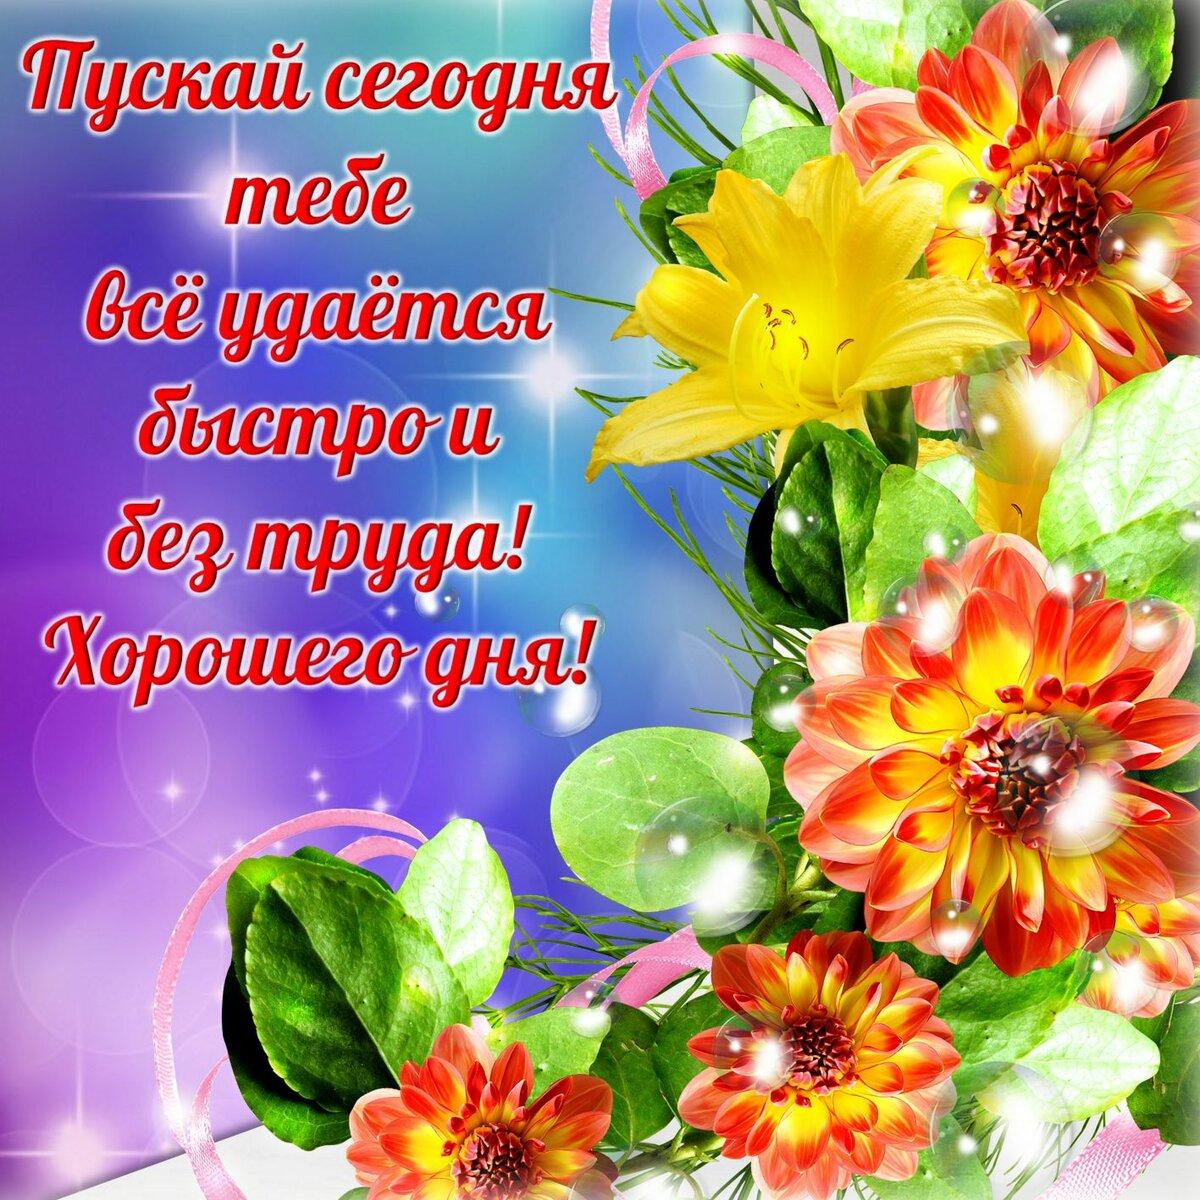 Пожелание всем хорошего дня